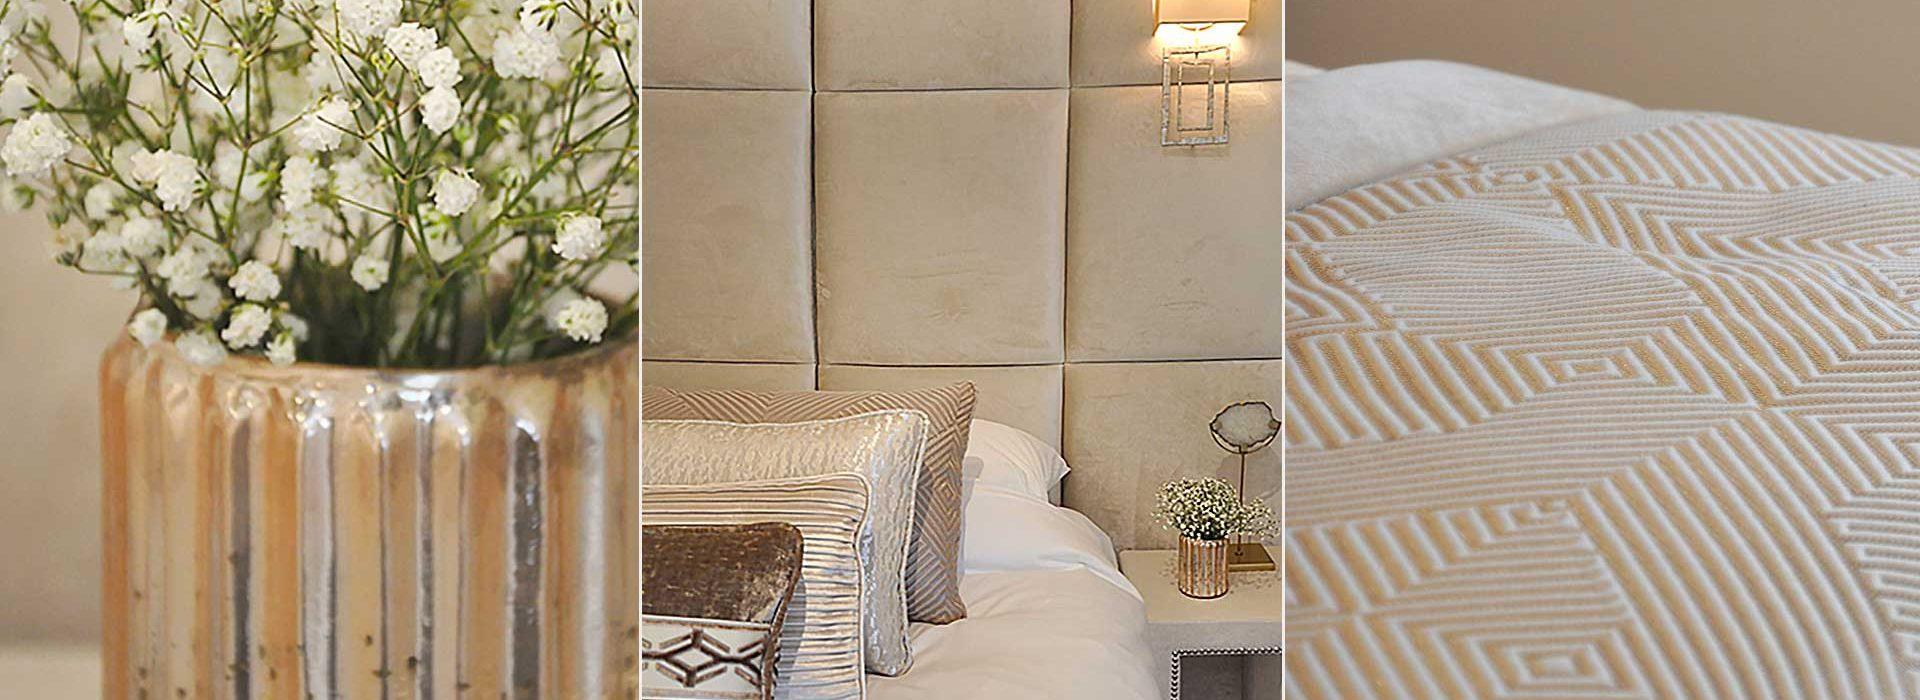 BELGRAVIA-TOWNHOUSE-15-Dome-interior-design-Geneve-Suisse